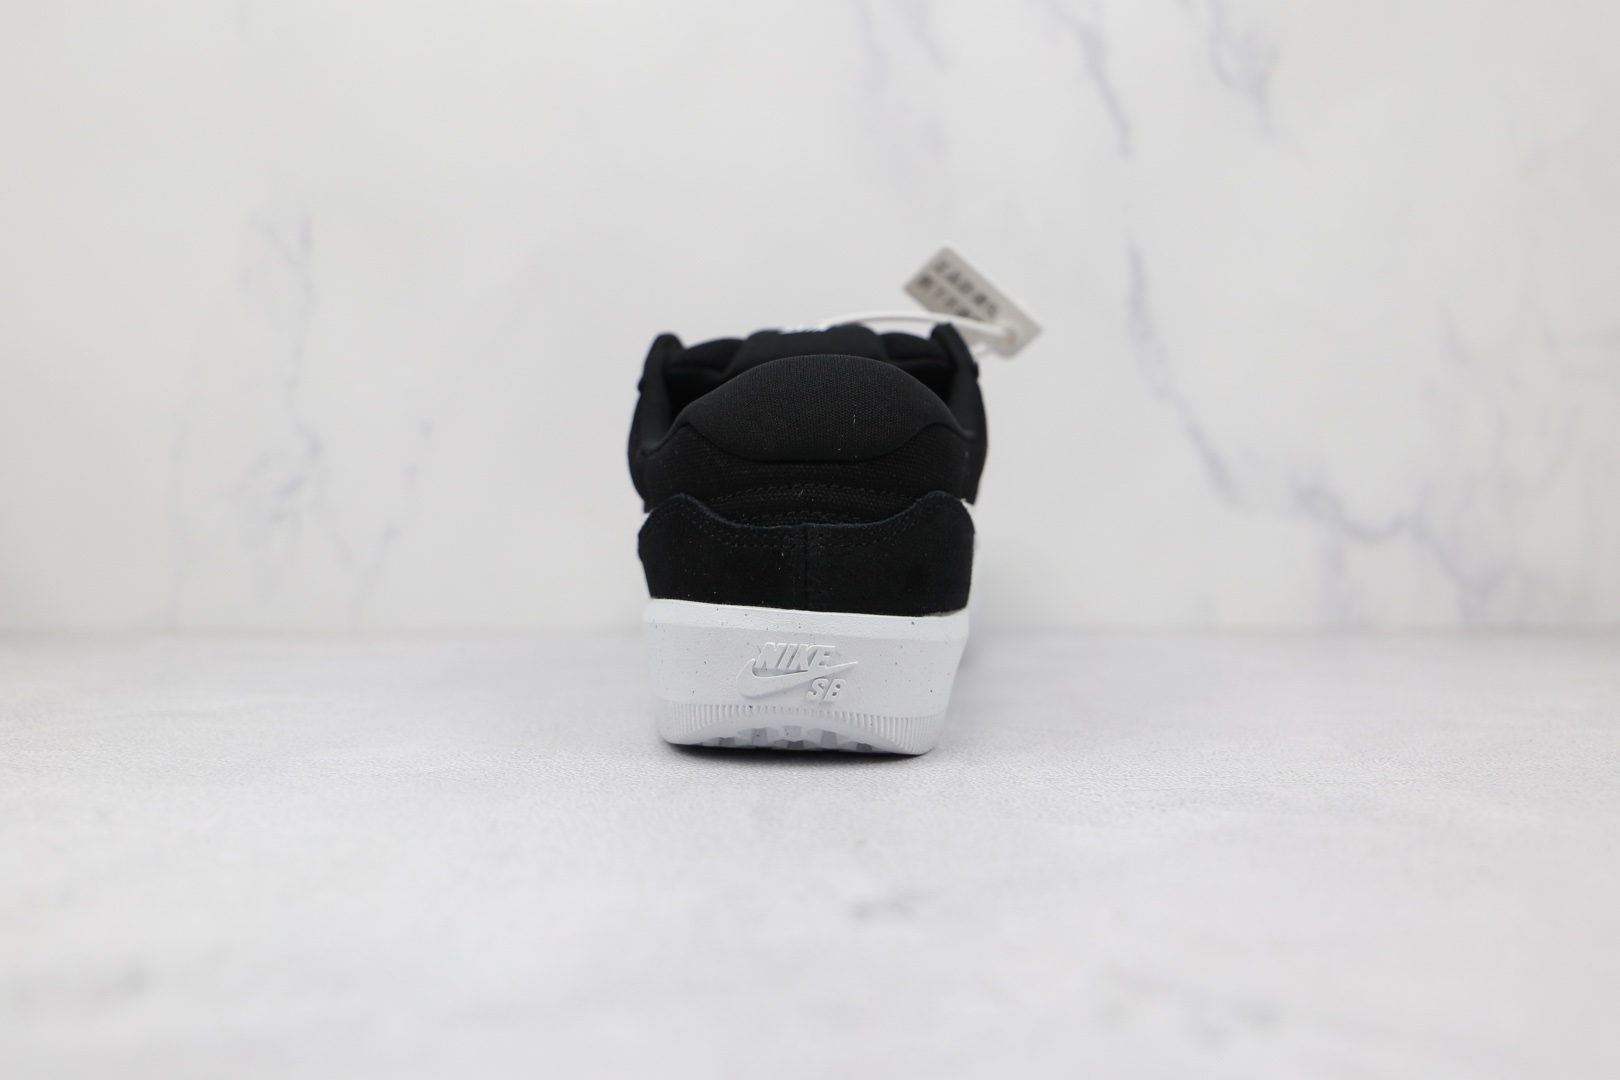 耐克Nike SB Force 58纯原版本黑白色SB系列滑板鞋原档案数据开发 货号:CZ2959-001